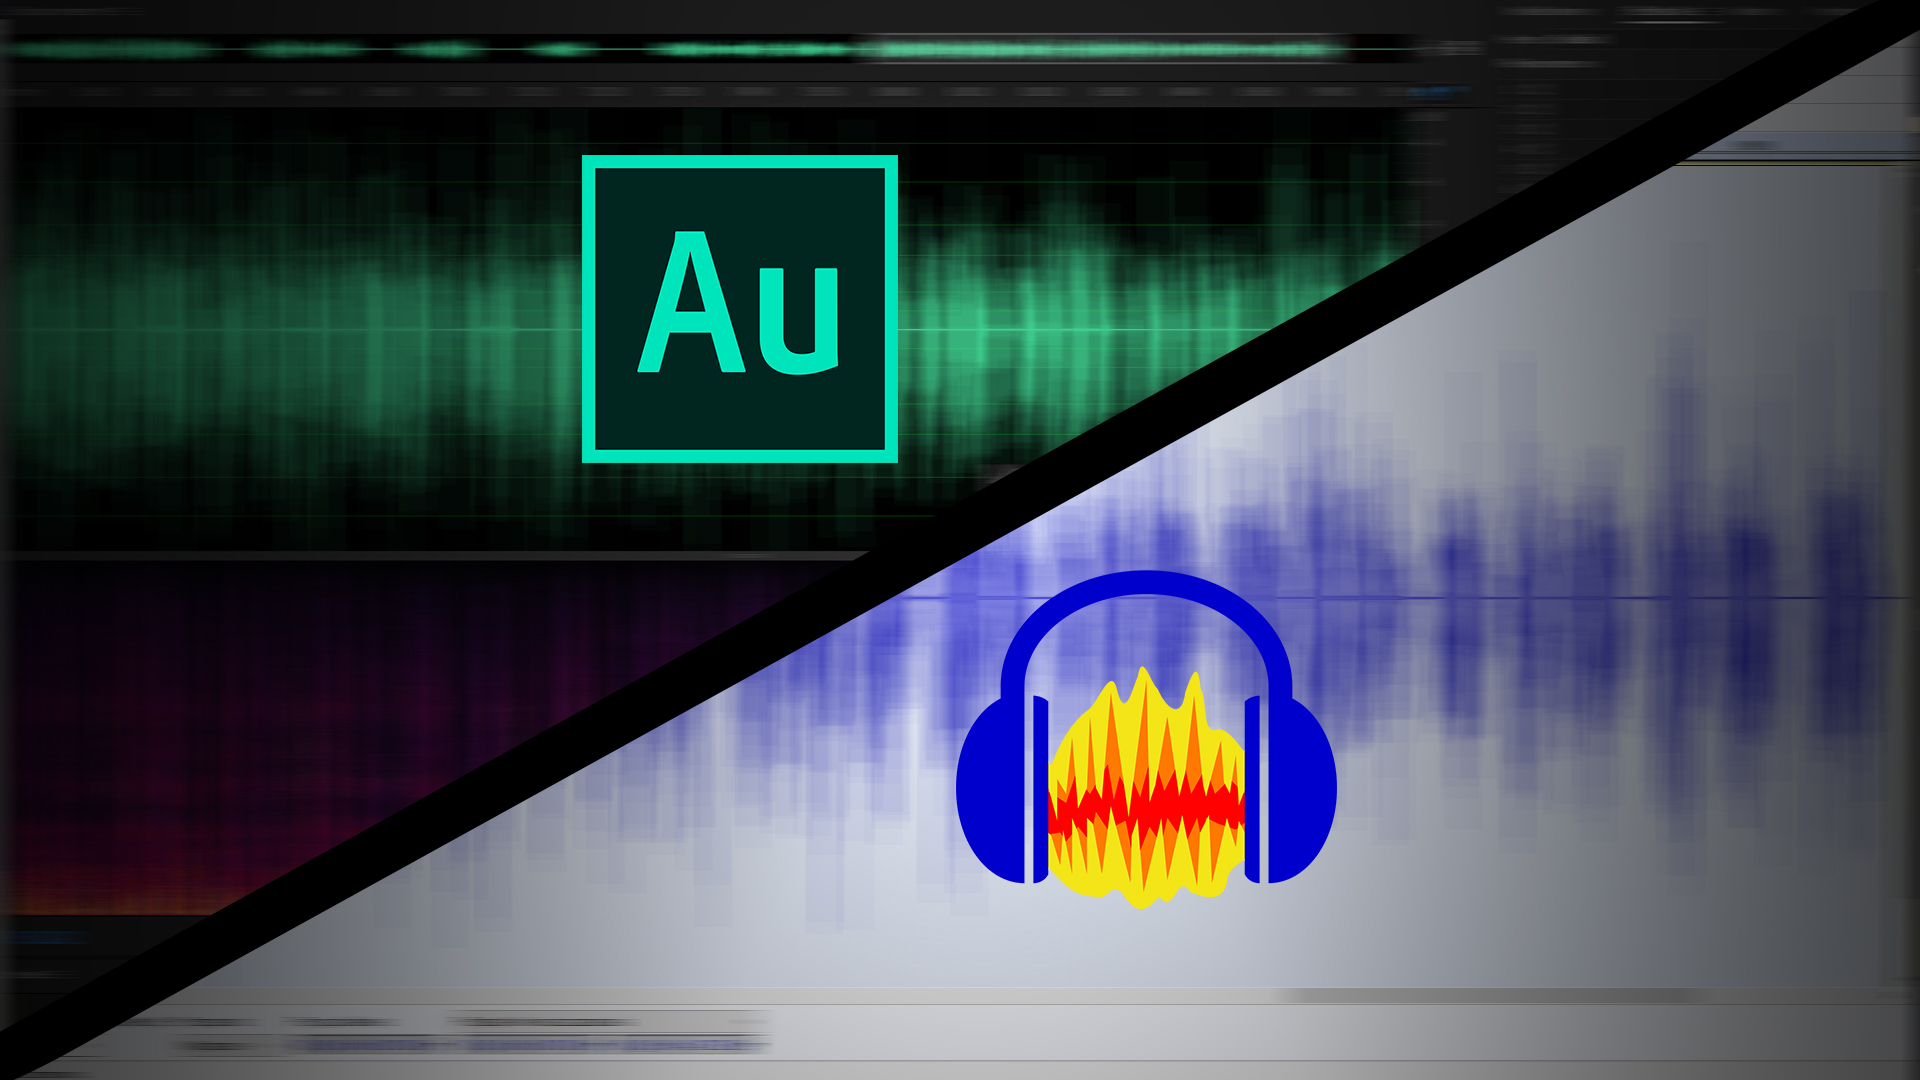 Zdjęcie przedstawia dwa programy do obróbki audio